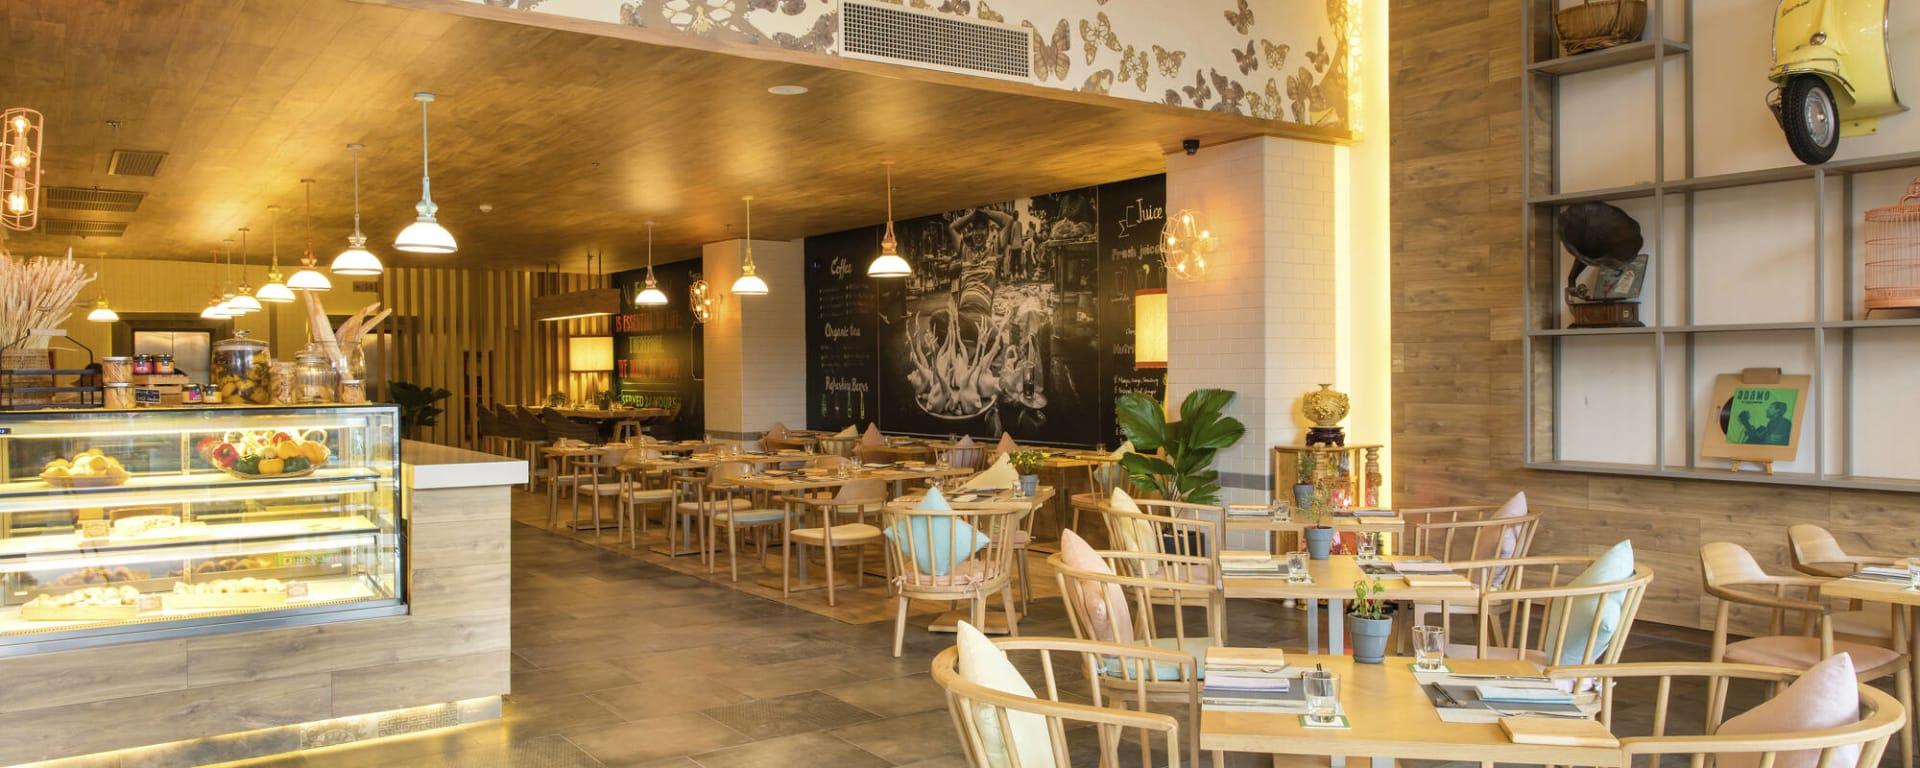 Fusion Suites Saigon: 1VN_2019_Fusion Suites Saigon_Fresh Restaurant_2